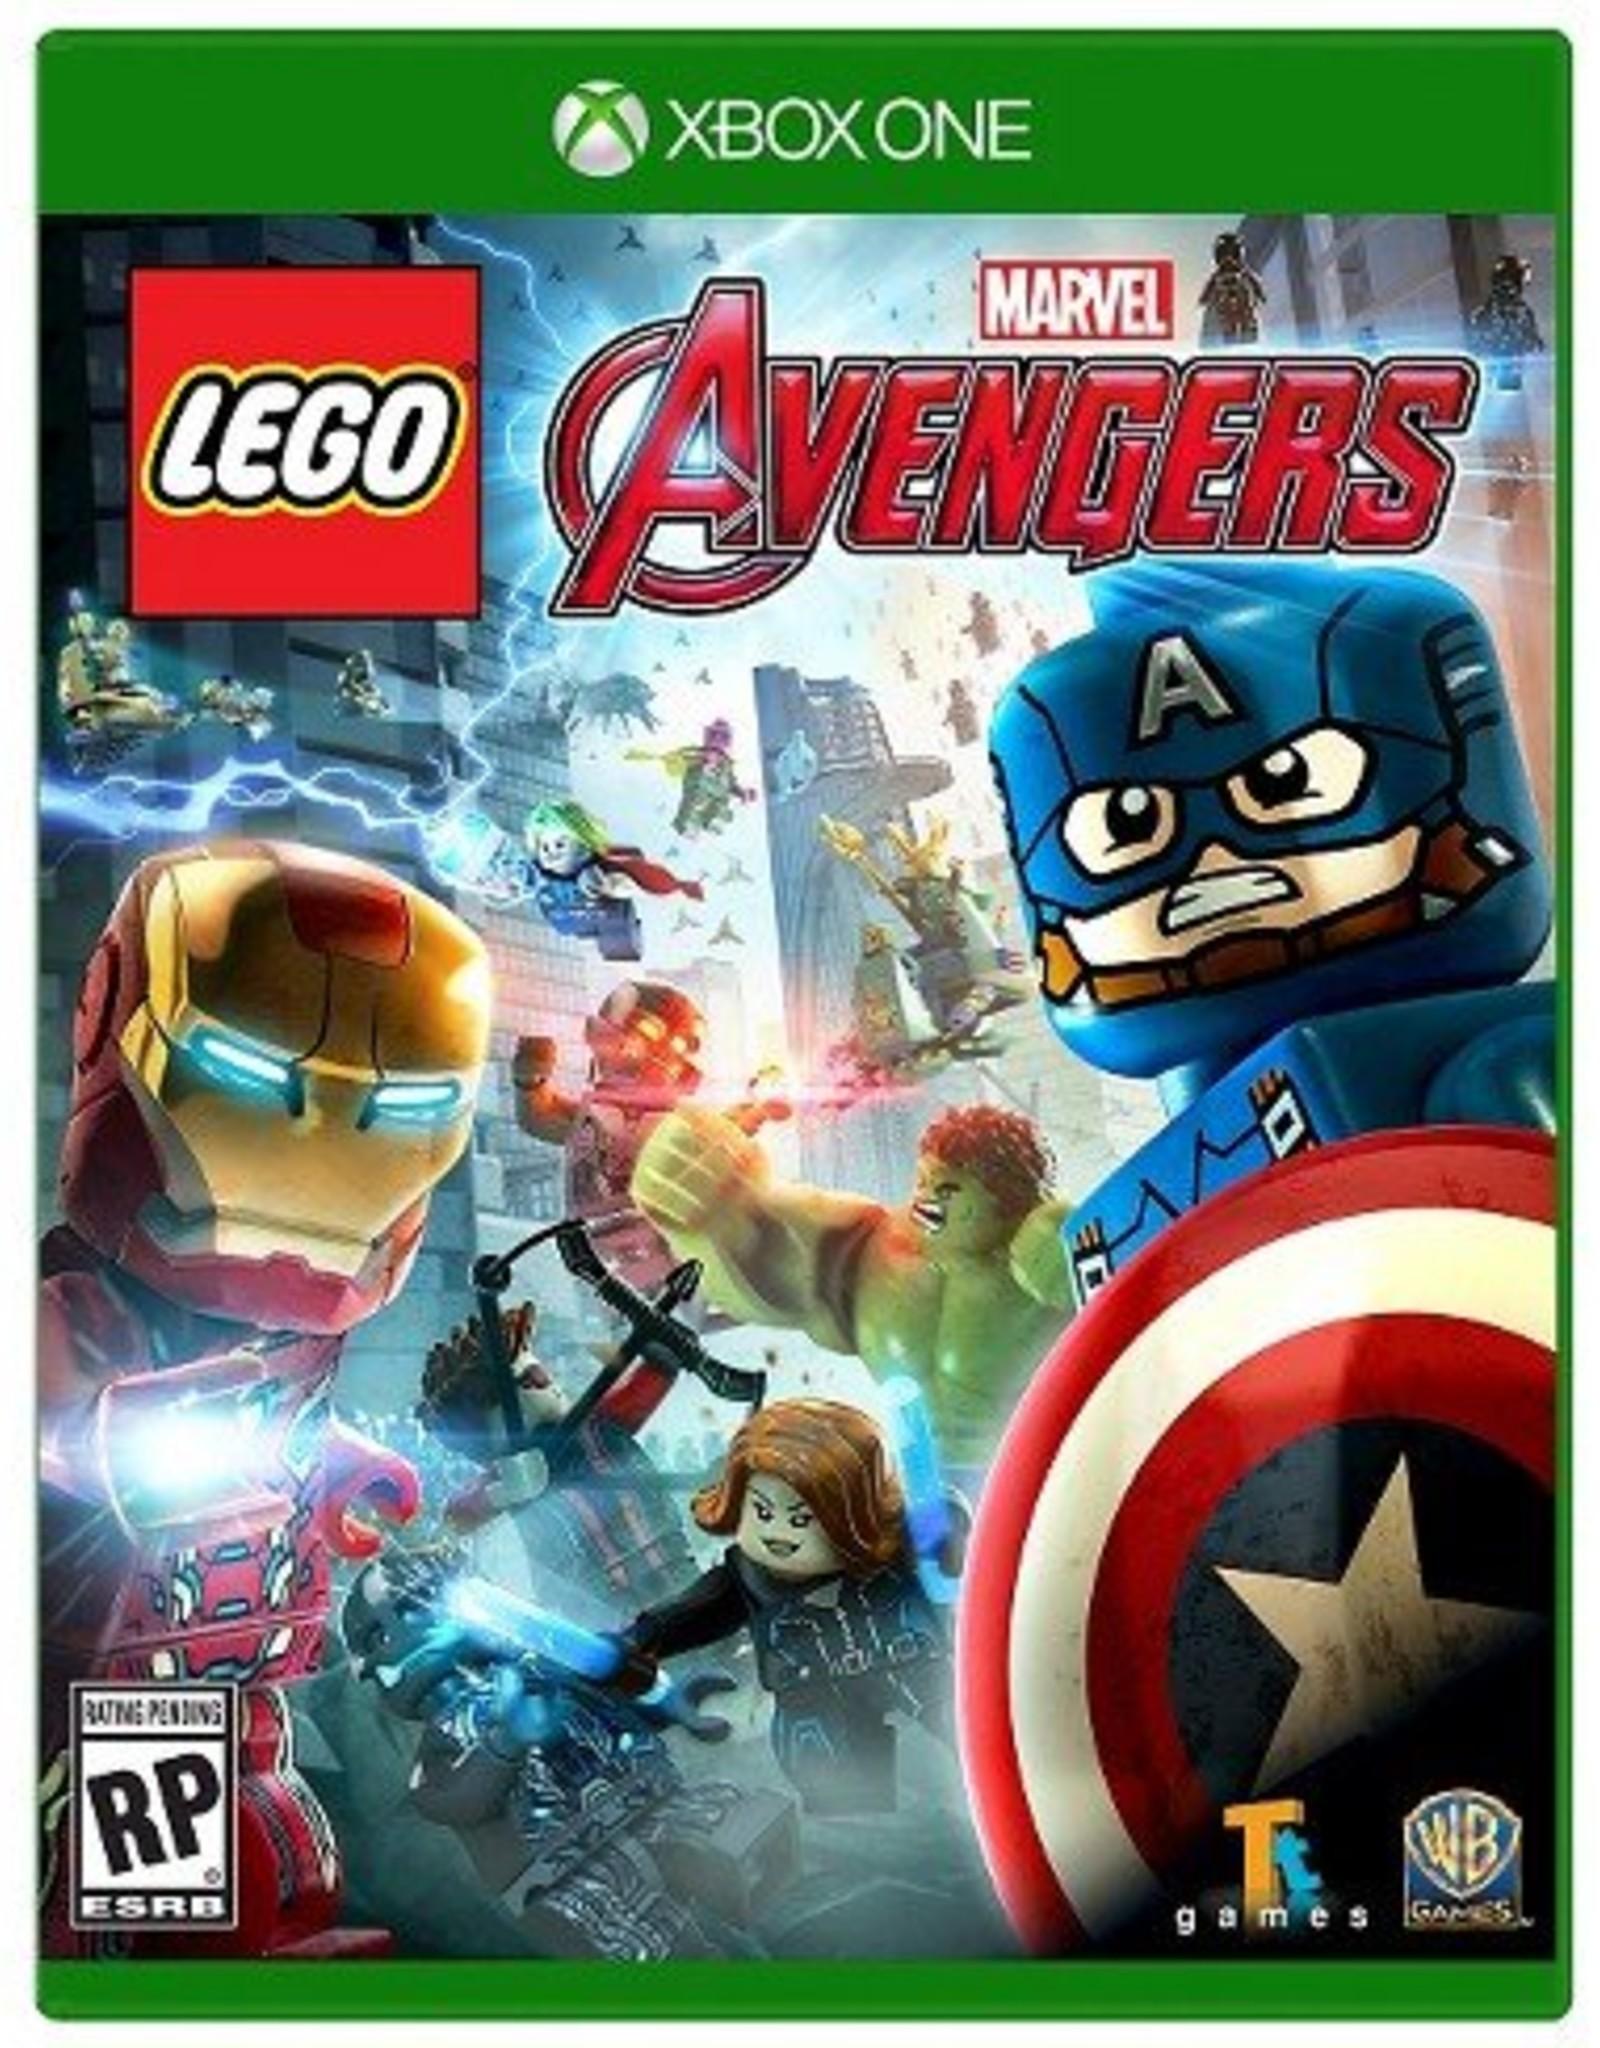 LEGO Marvel's Avengers- XBOne DIGITAL